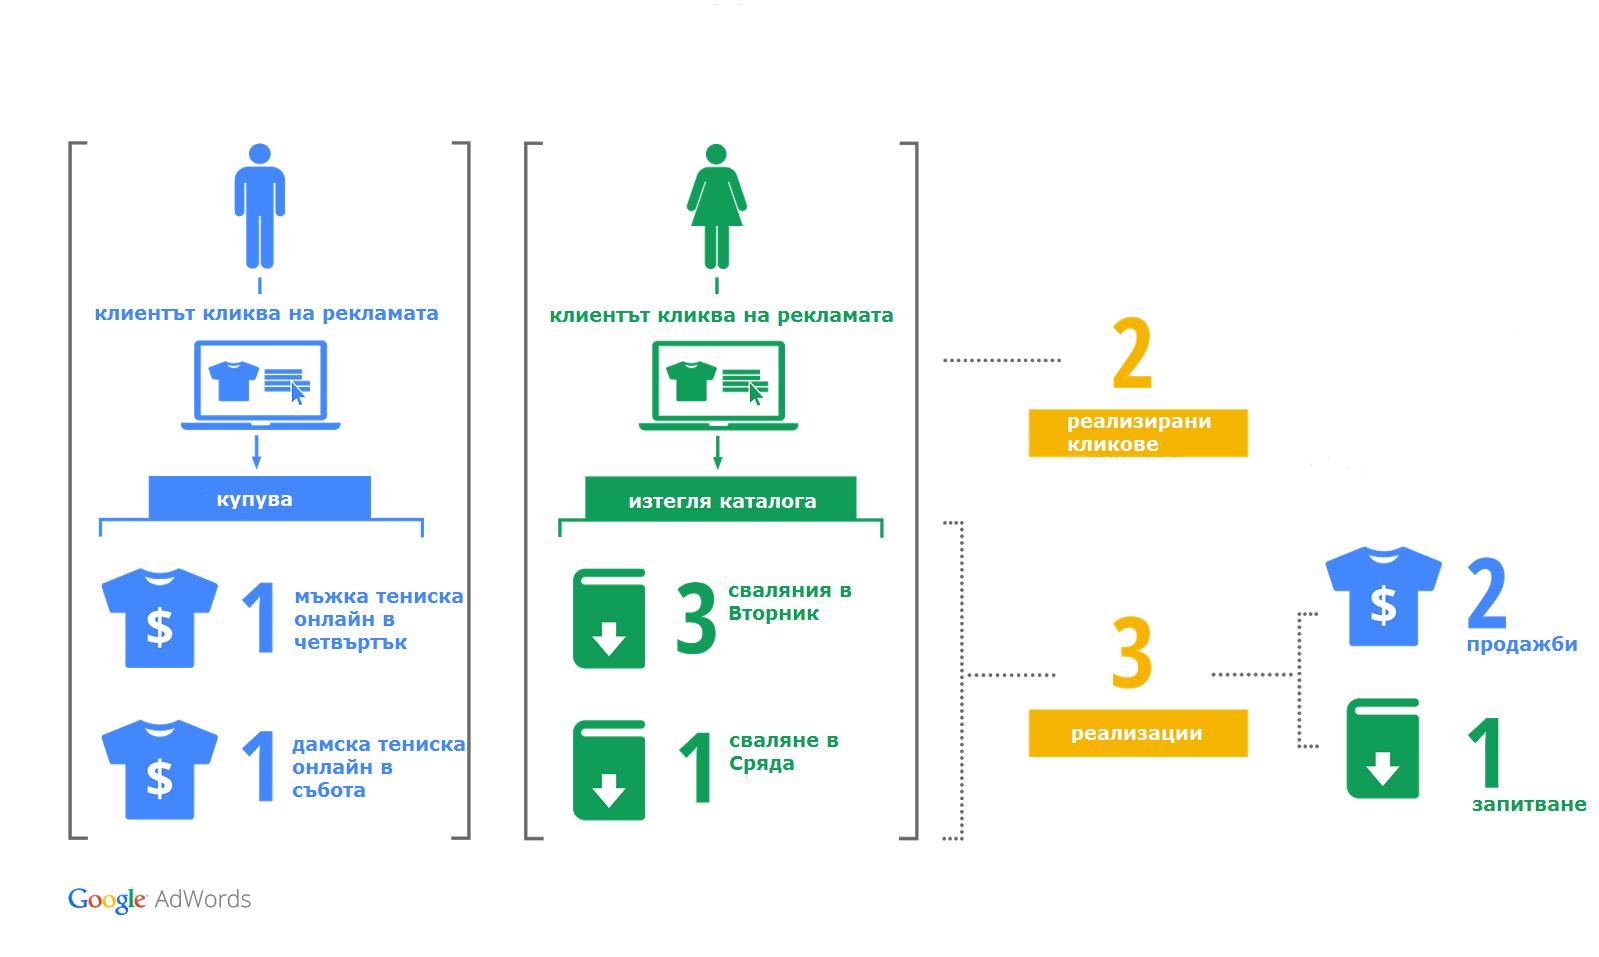 Изработка, управление и продажби на онлайн магазин